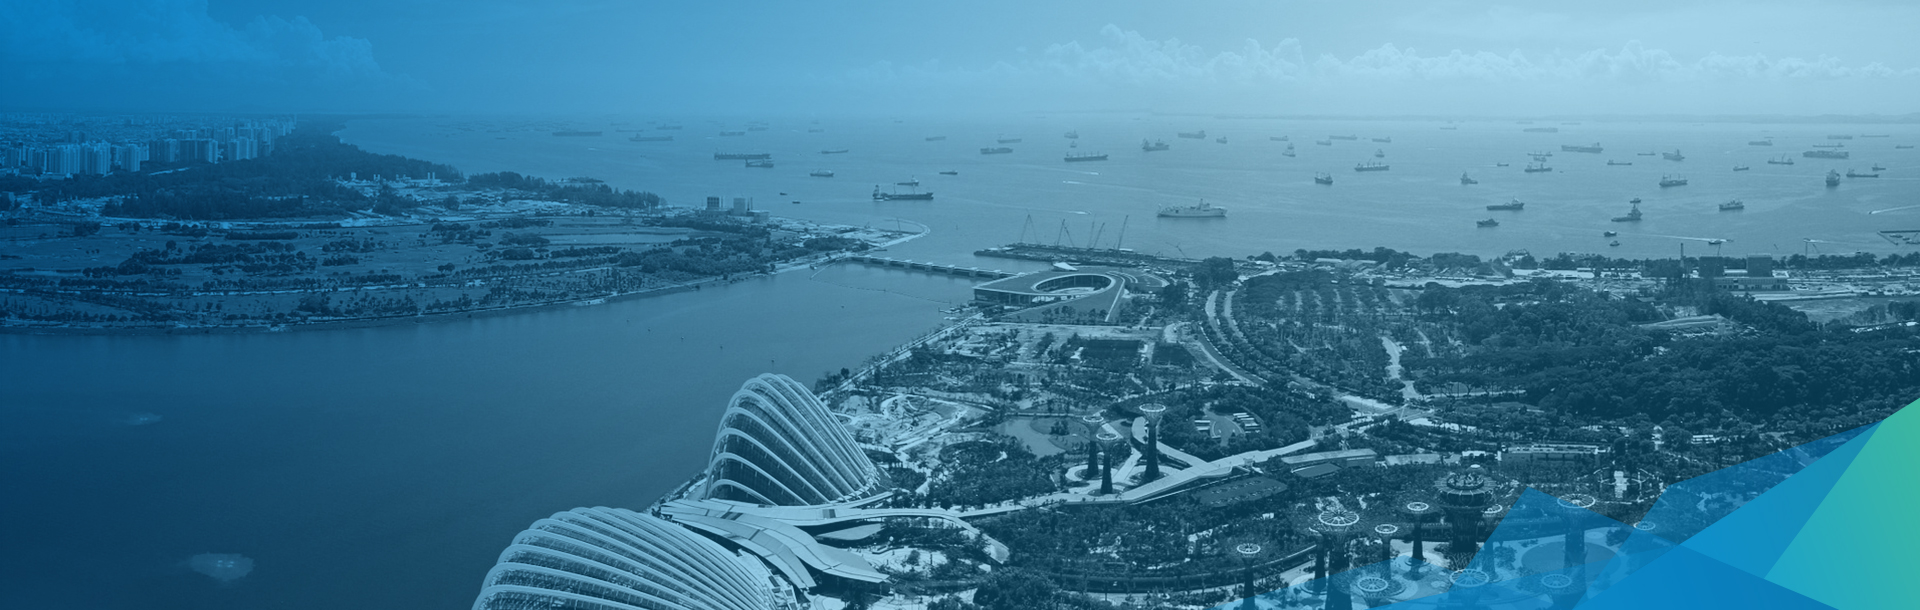 Singapore-WCUC1